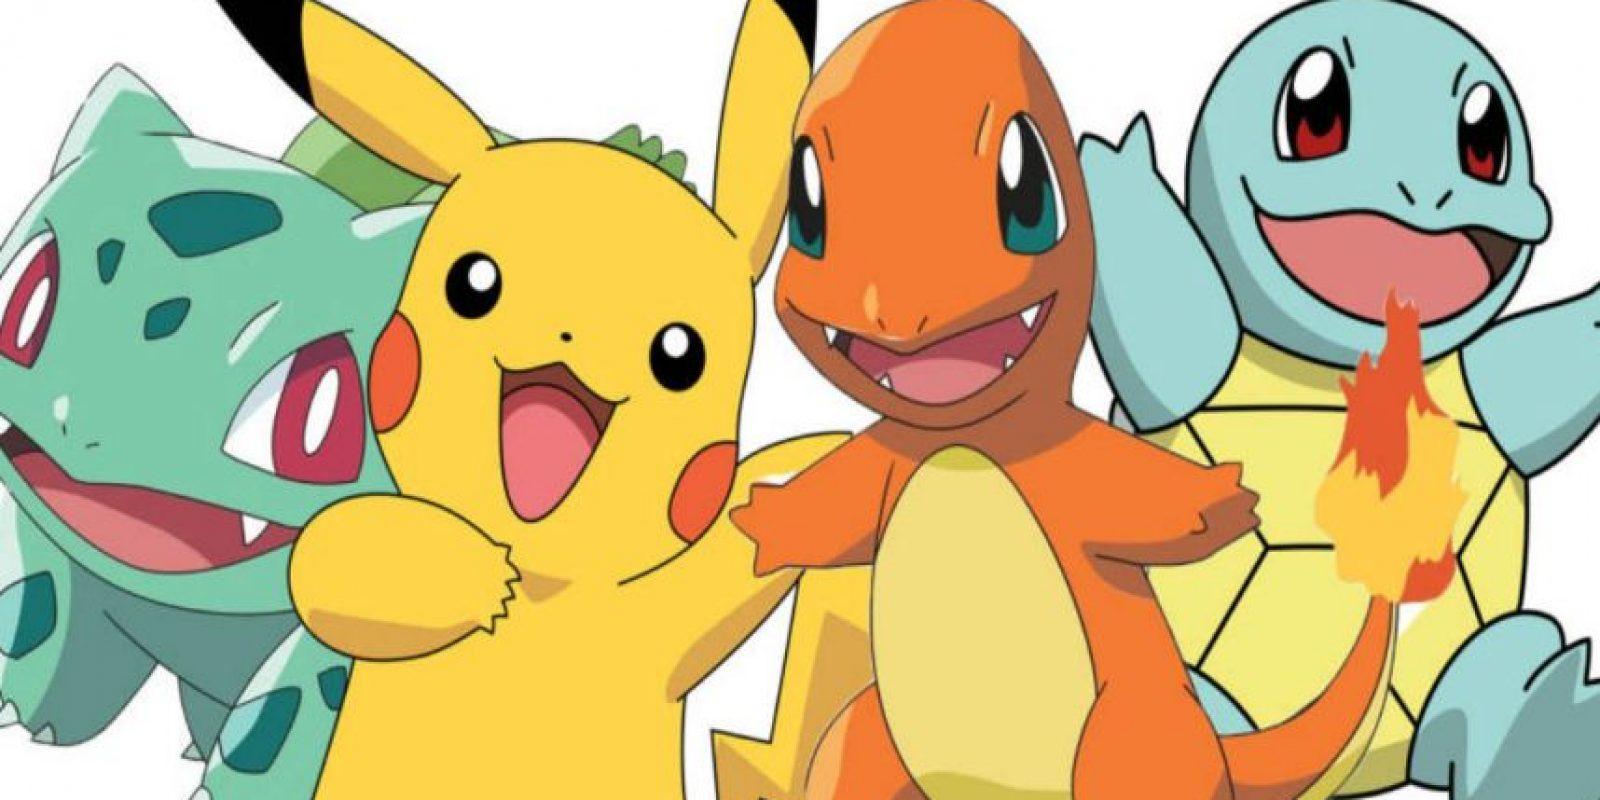 Sin embargo, los legendarios aún no se han encontrado. Foto:Pokémon. Imagen Por: